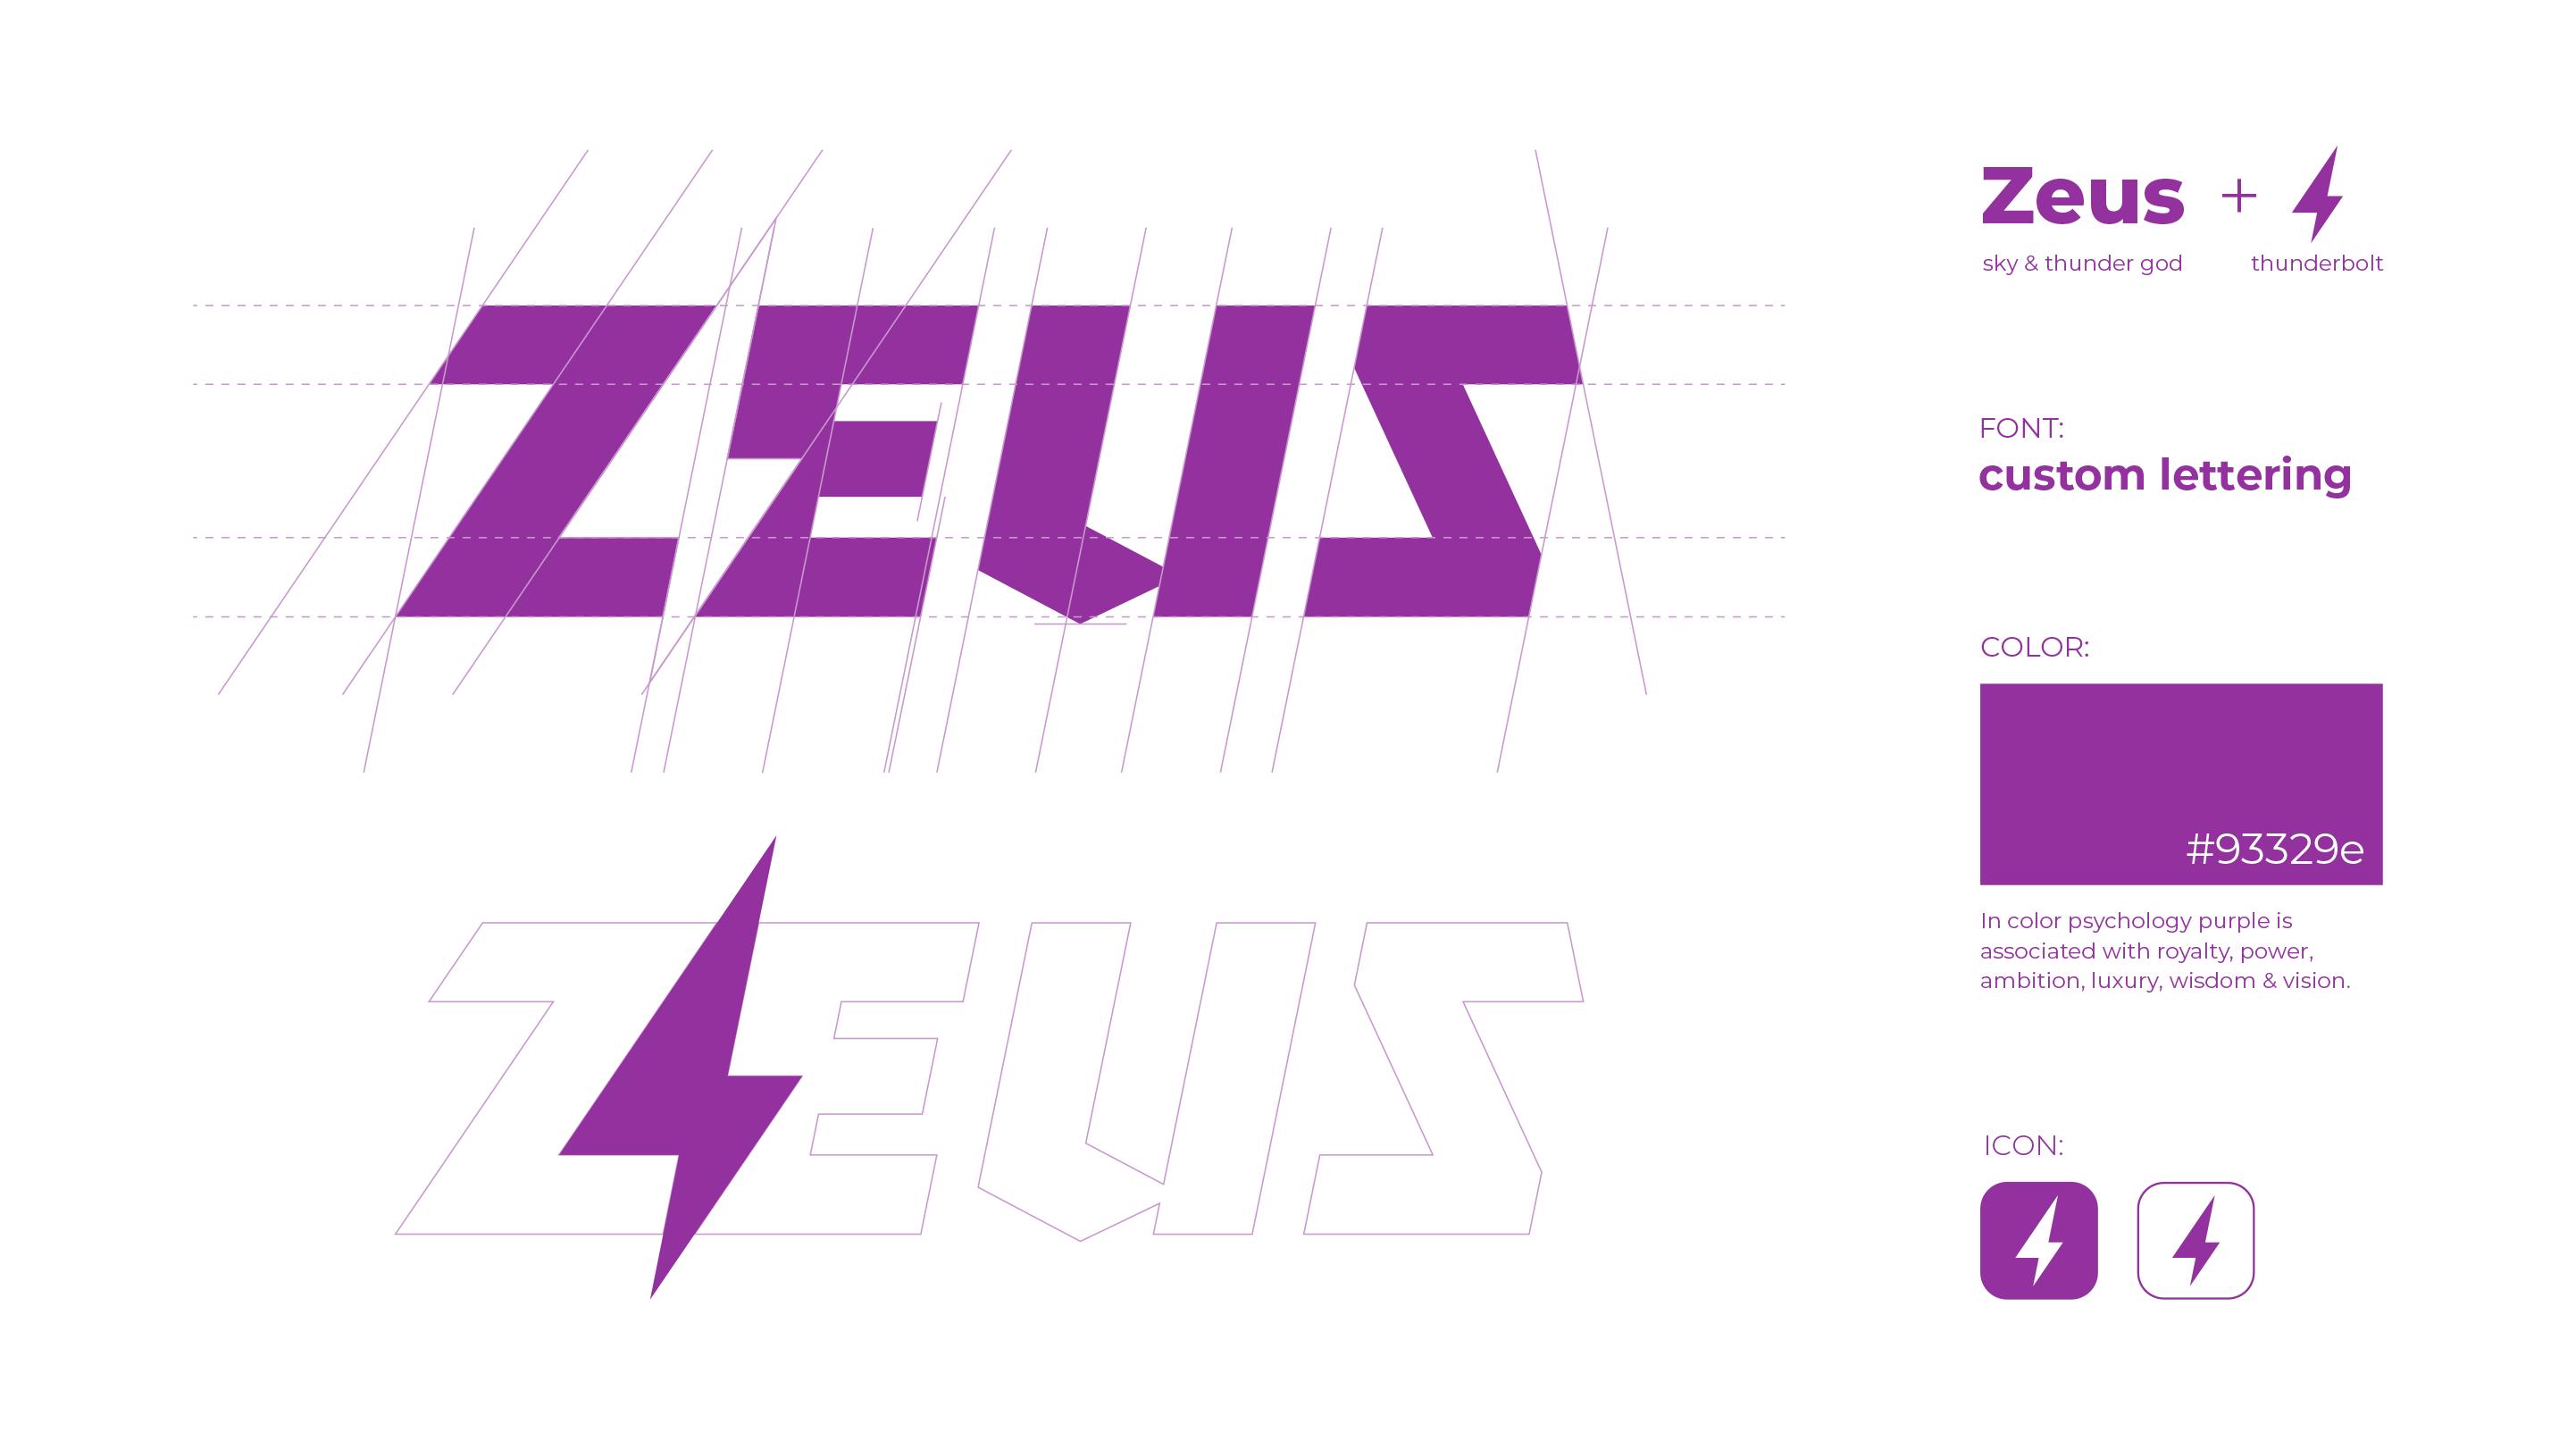 Zeus logo grid